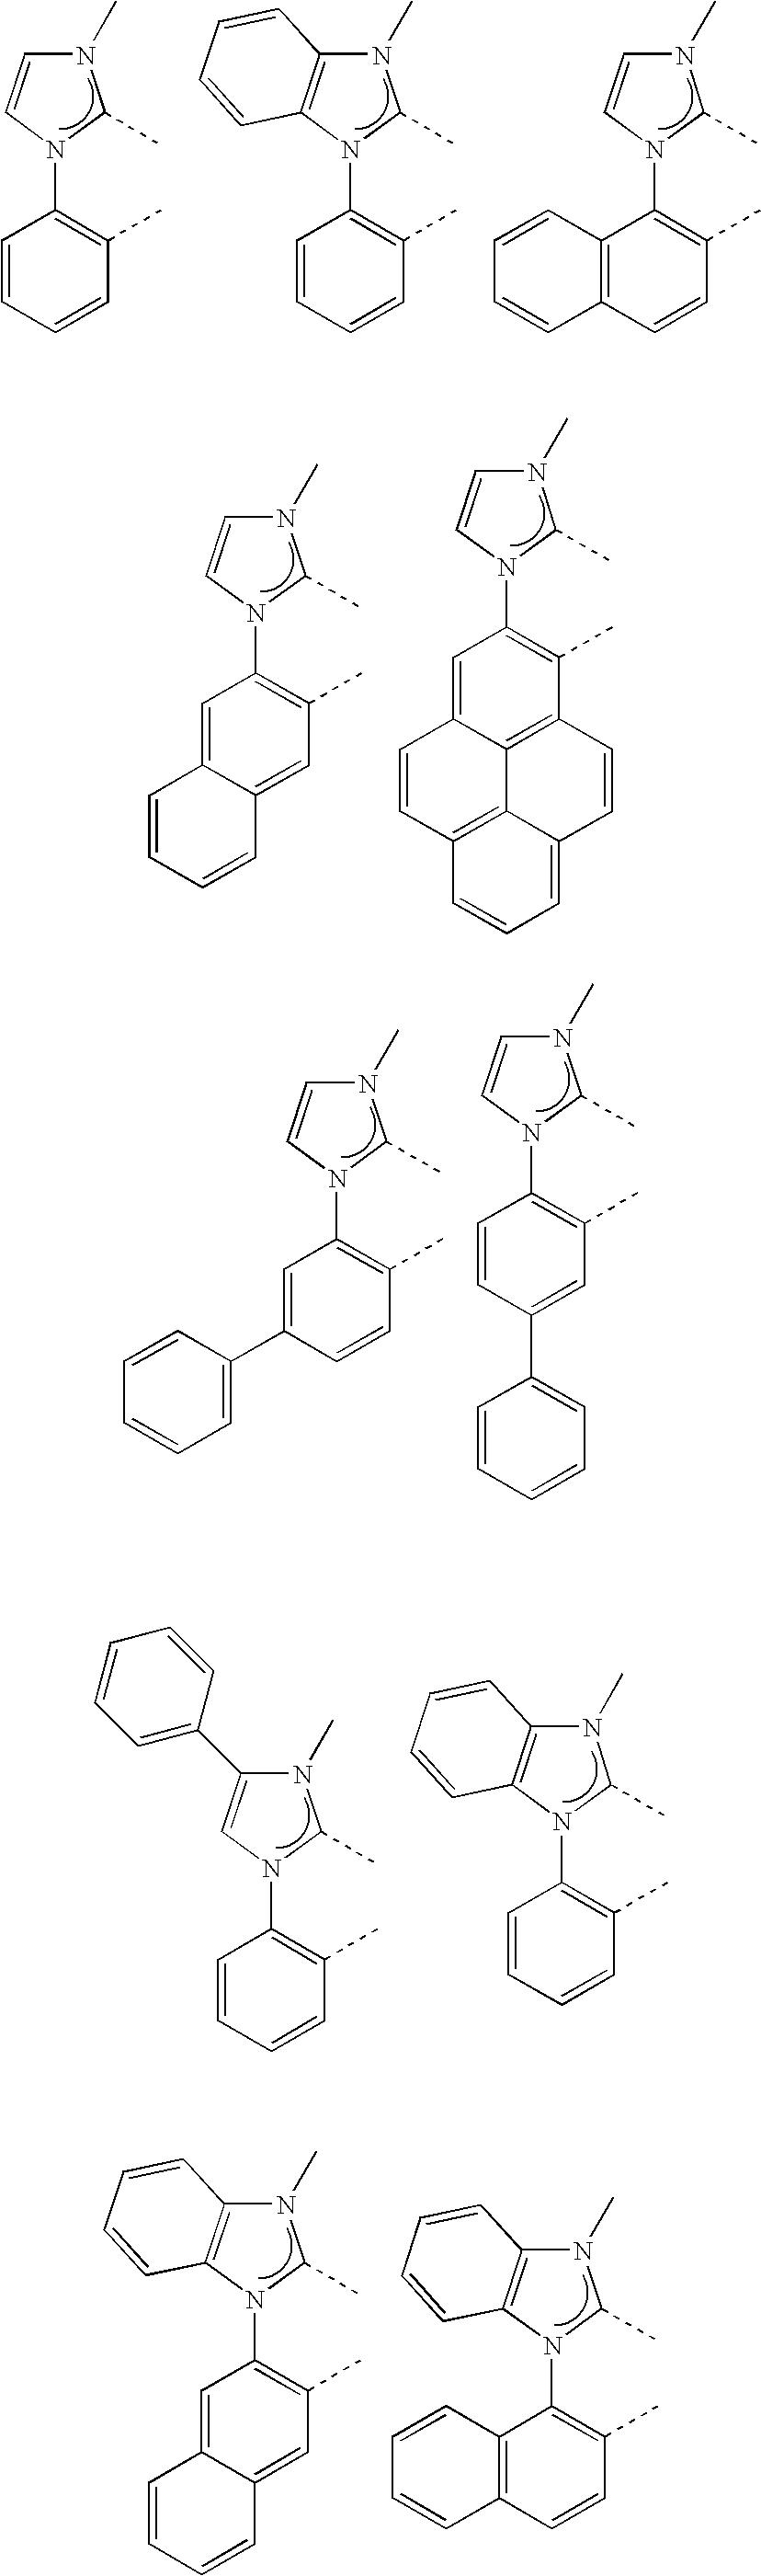 Figure US20090140640A1-20090604-C00034